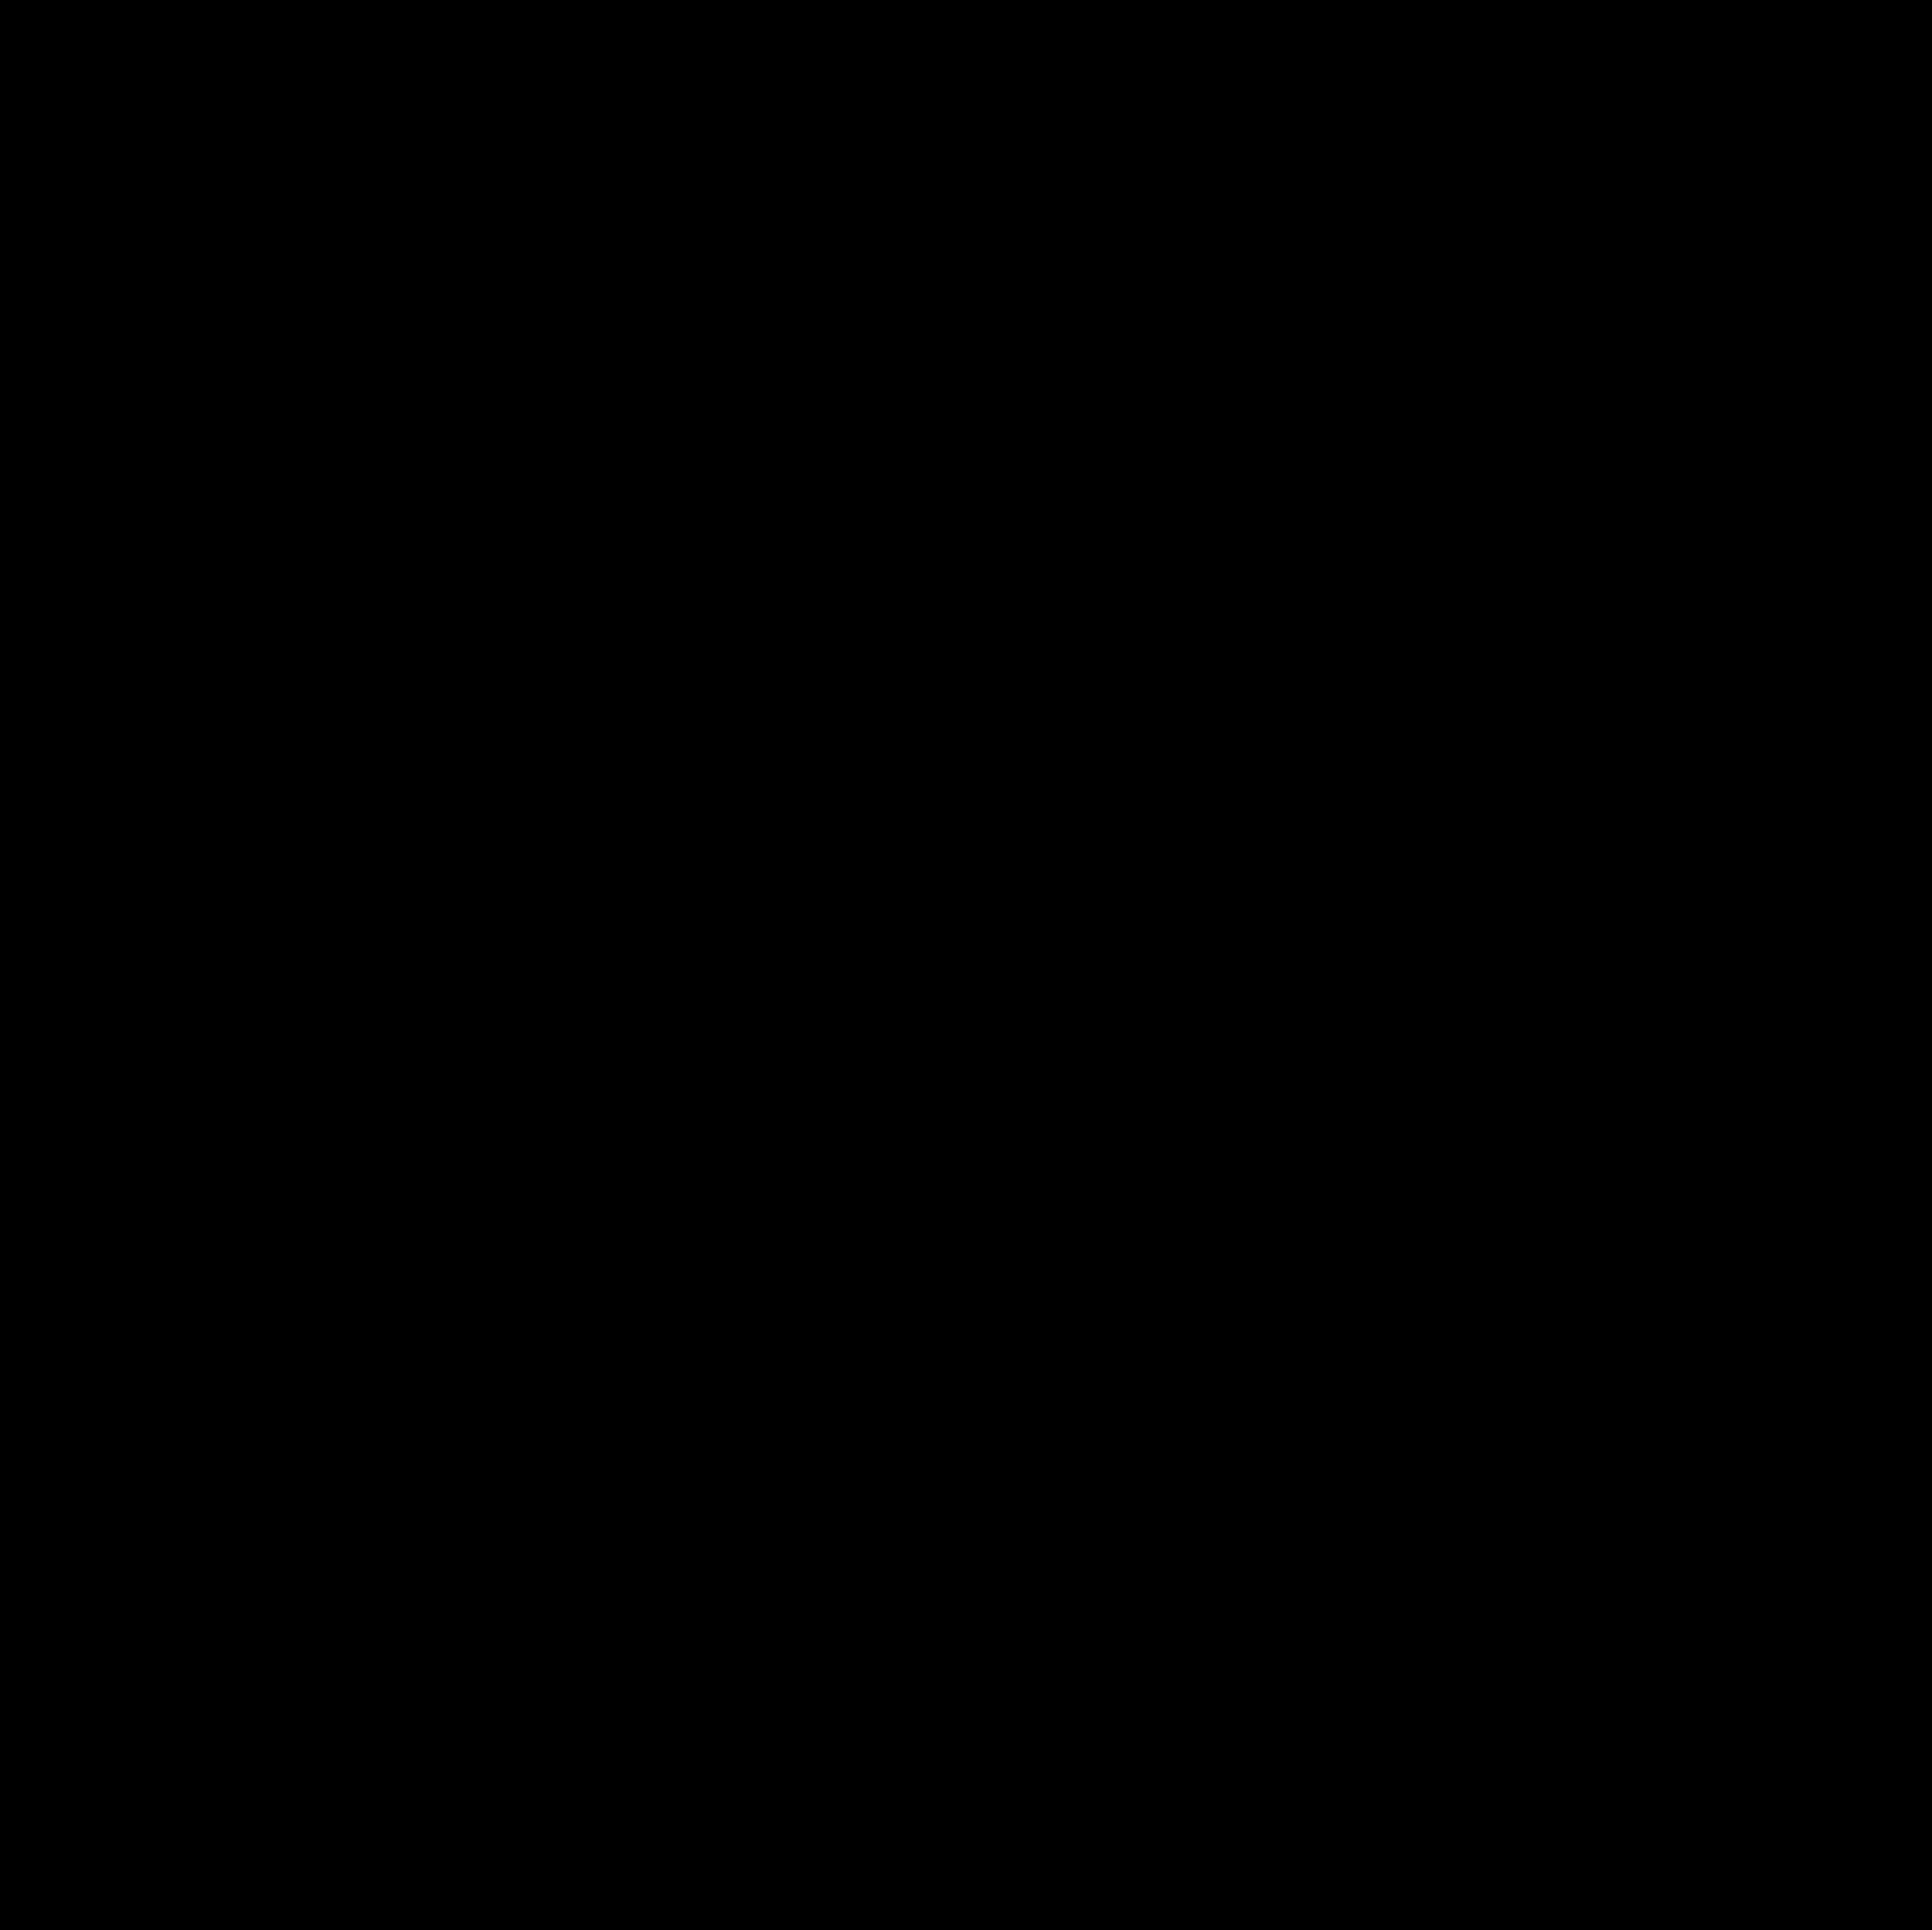 Optical Illusion clipart transparent Vortex Illusion Clipart Optical Illusion